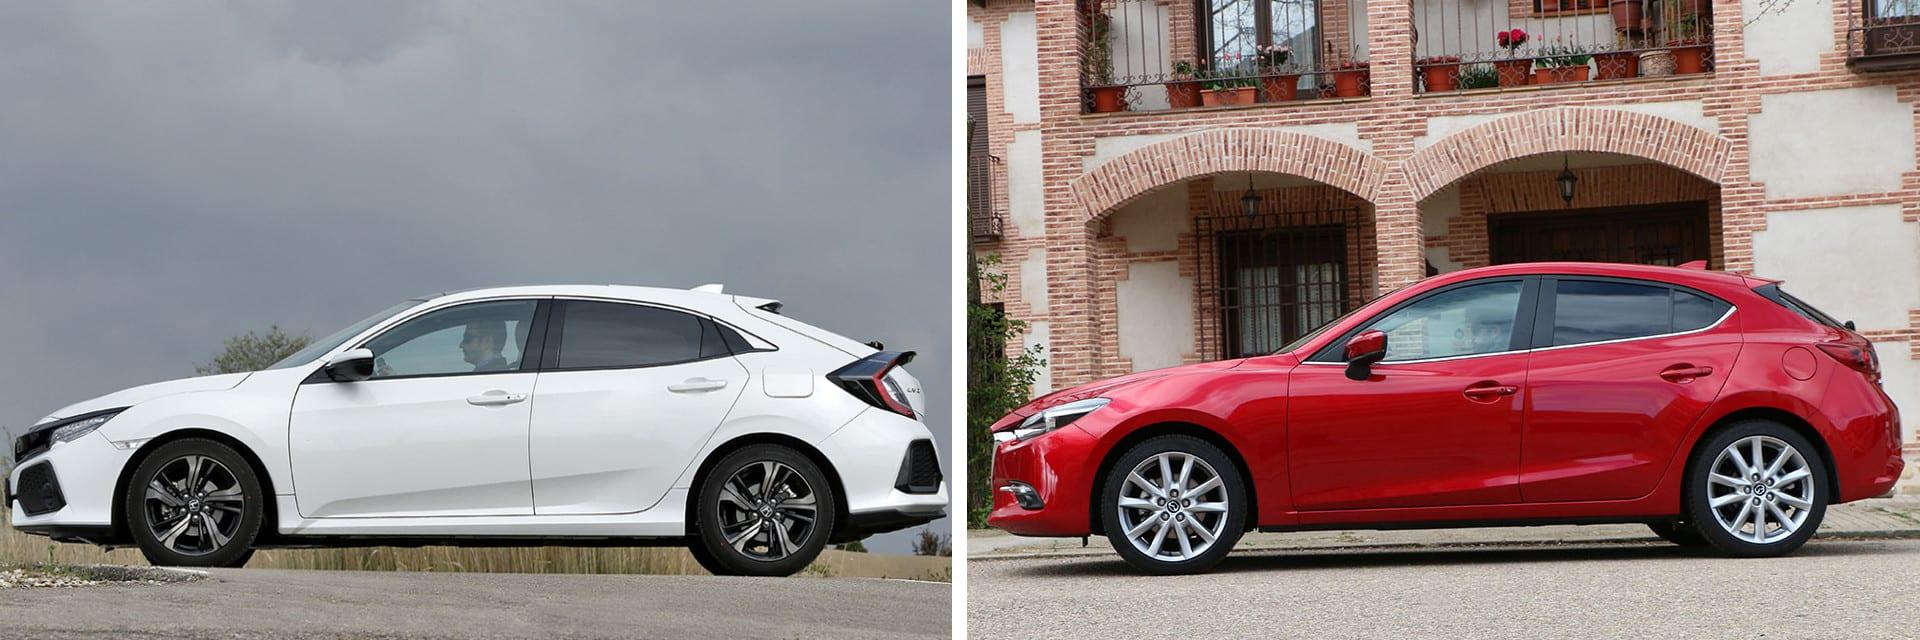 De las dos versiones comparadas, la del Mazda3 (dcha.) es 2595 euros euros más barata, aunque Honda tiene una versión más económica por 20 400 euros.